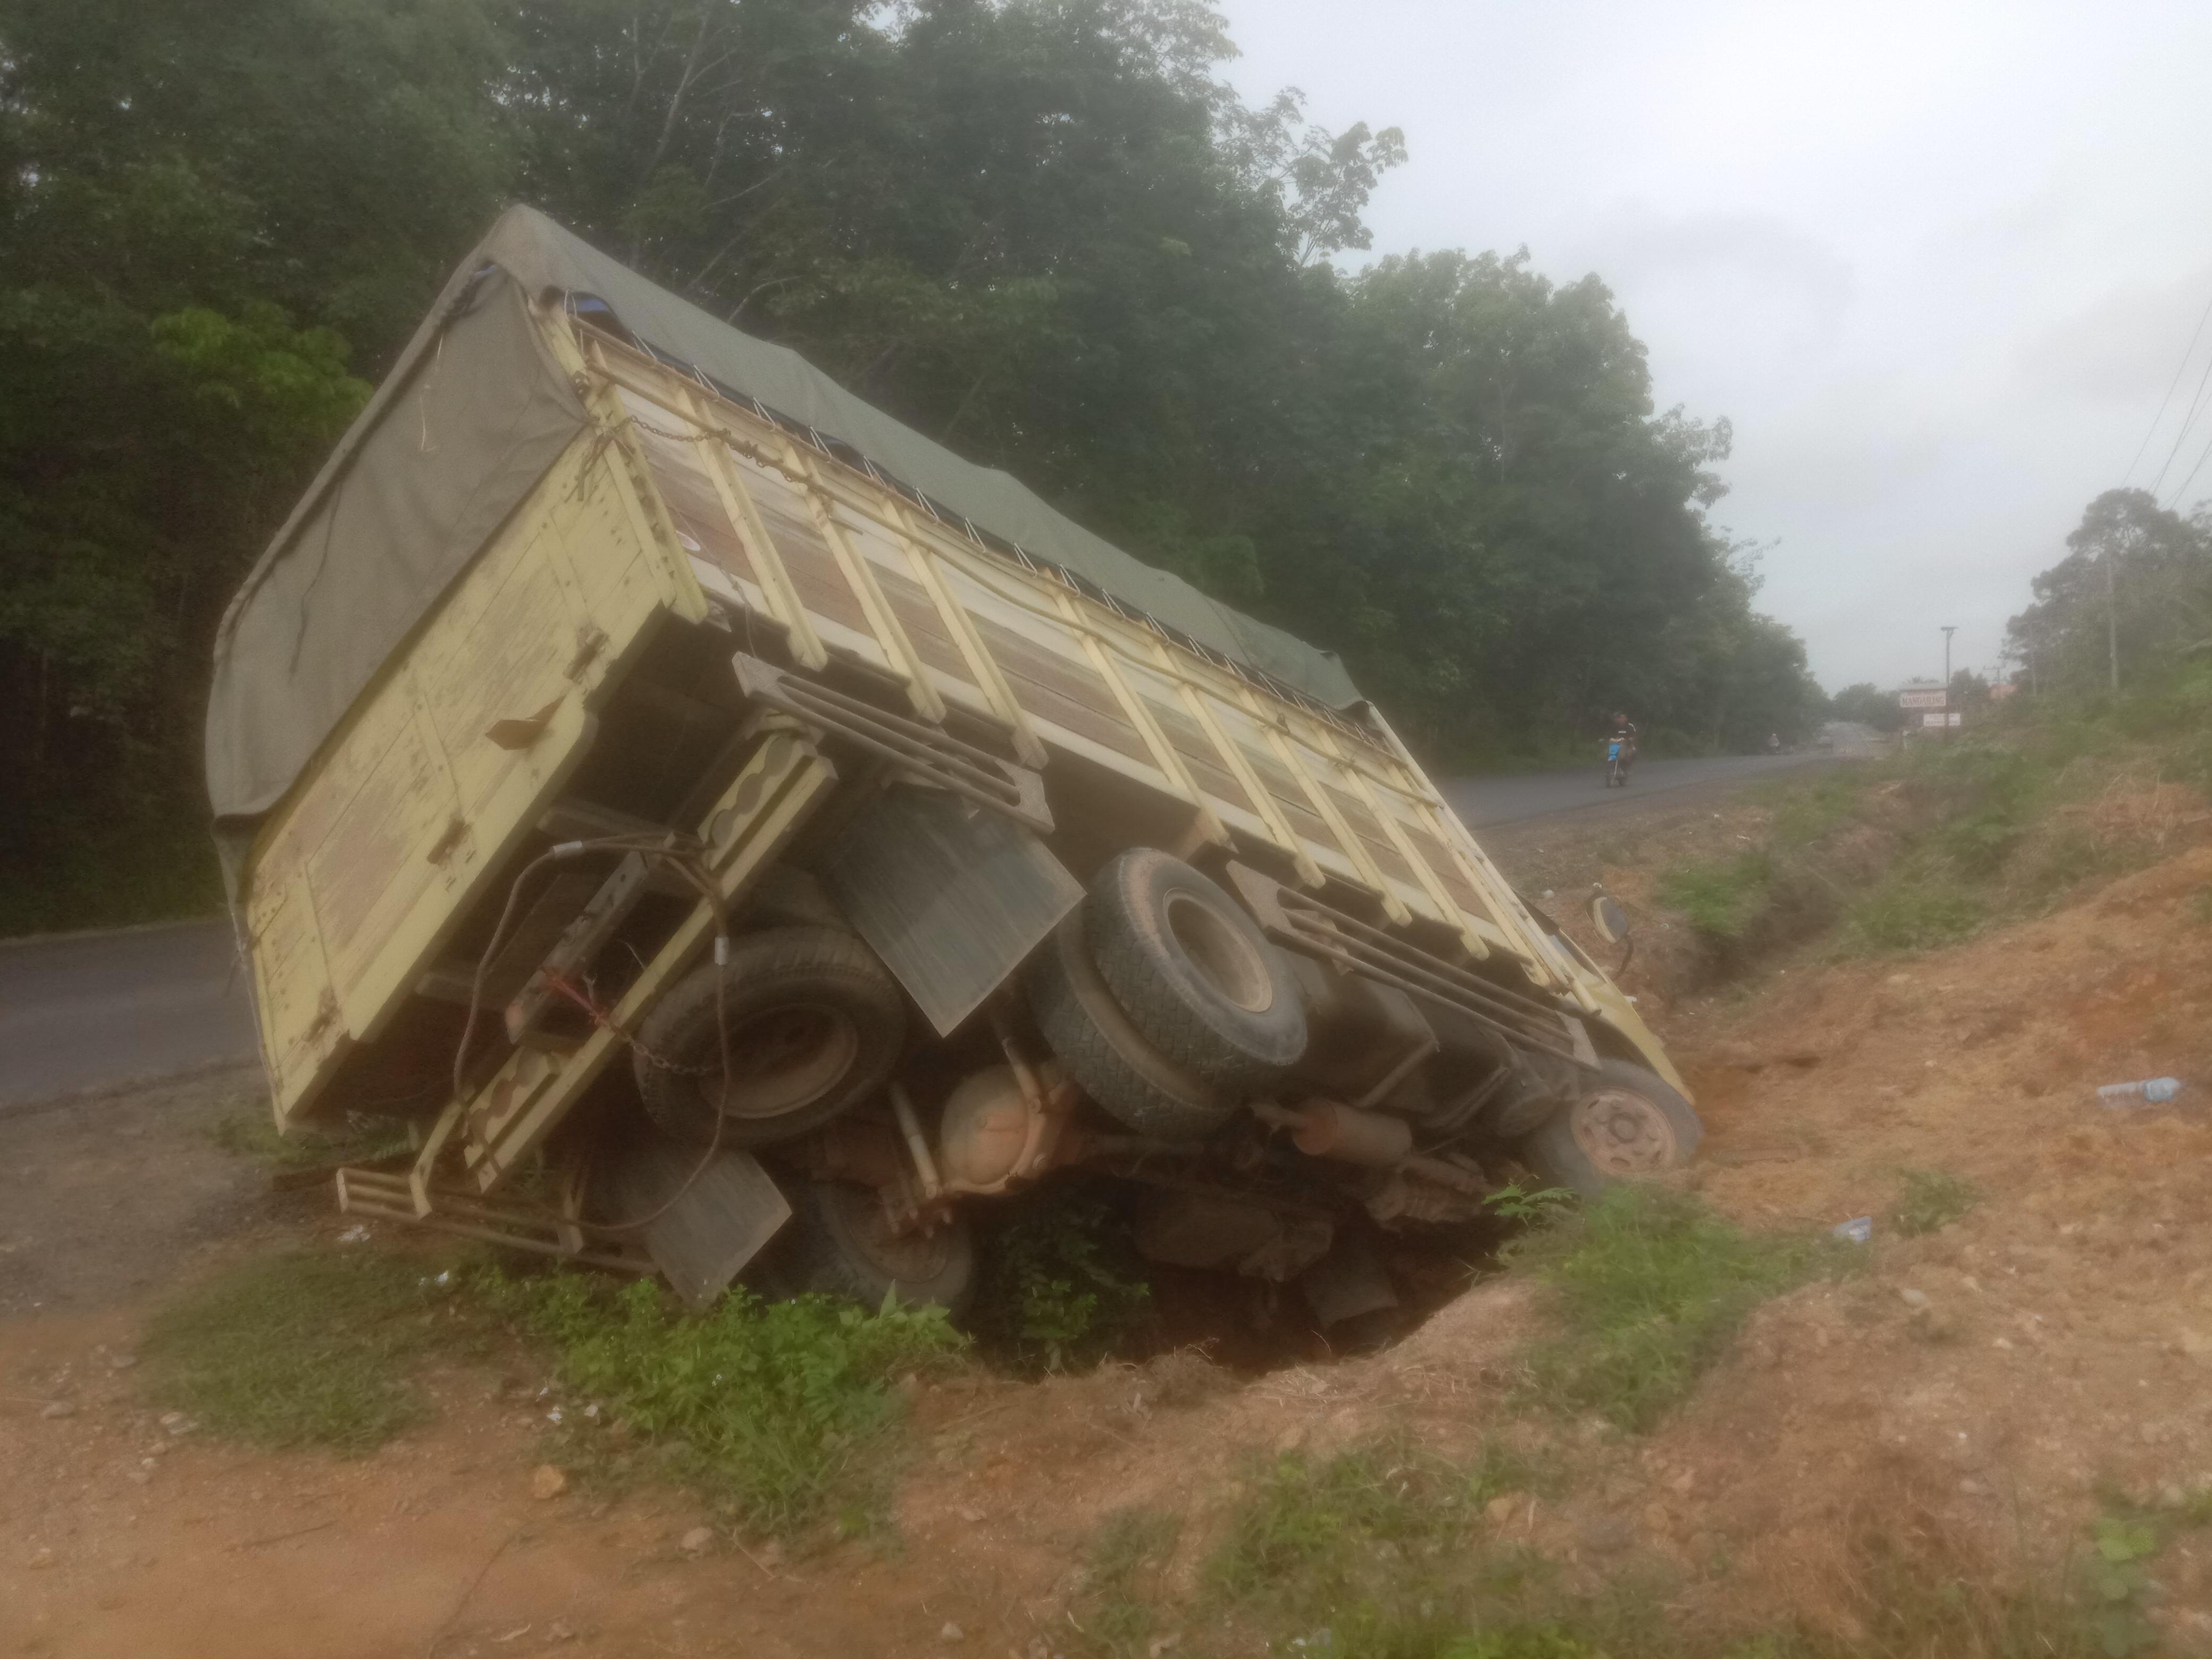 Sopir Mengantuk, Truk Pengangkut Buah-Buahan Alami Laka Tunggal di Jalinsum Bungo - Tebo